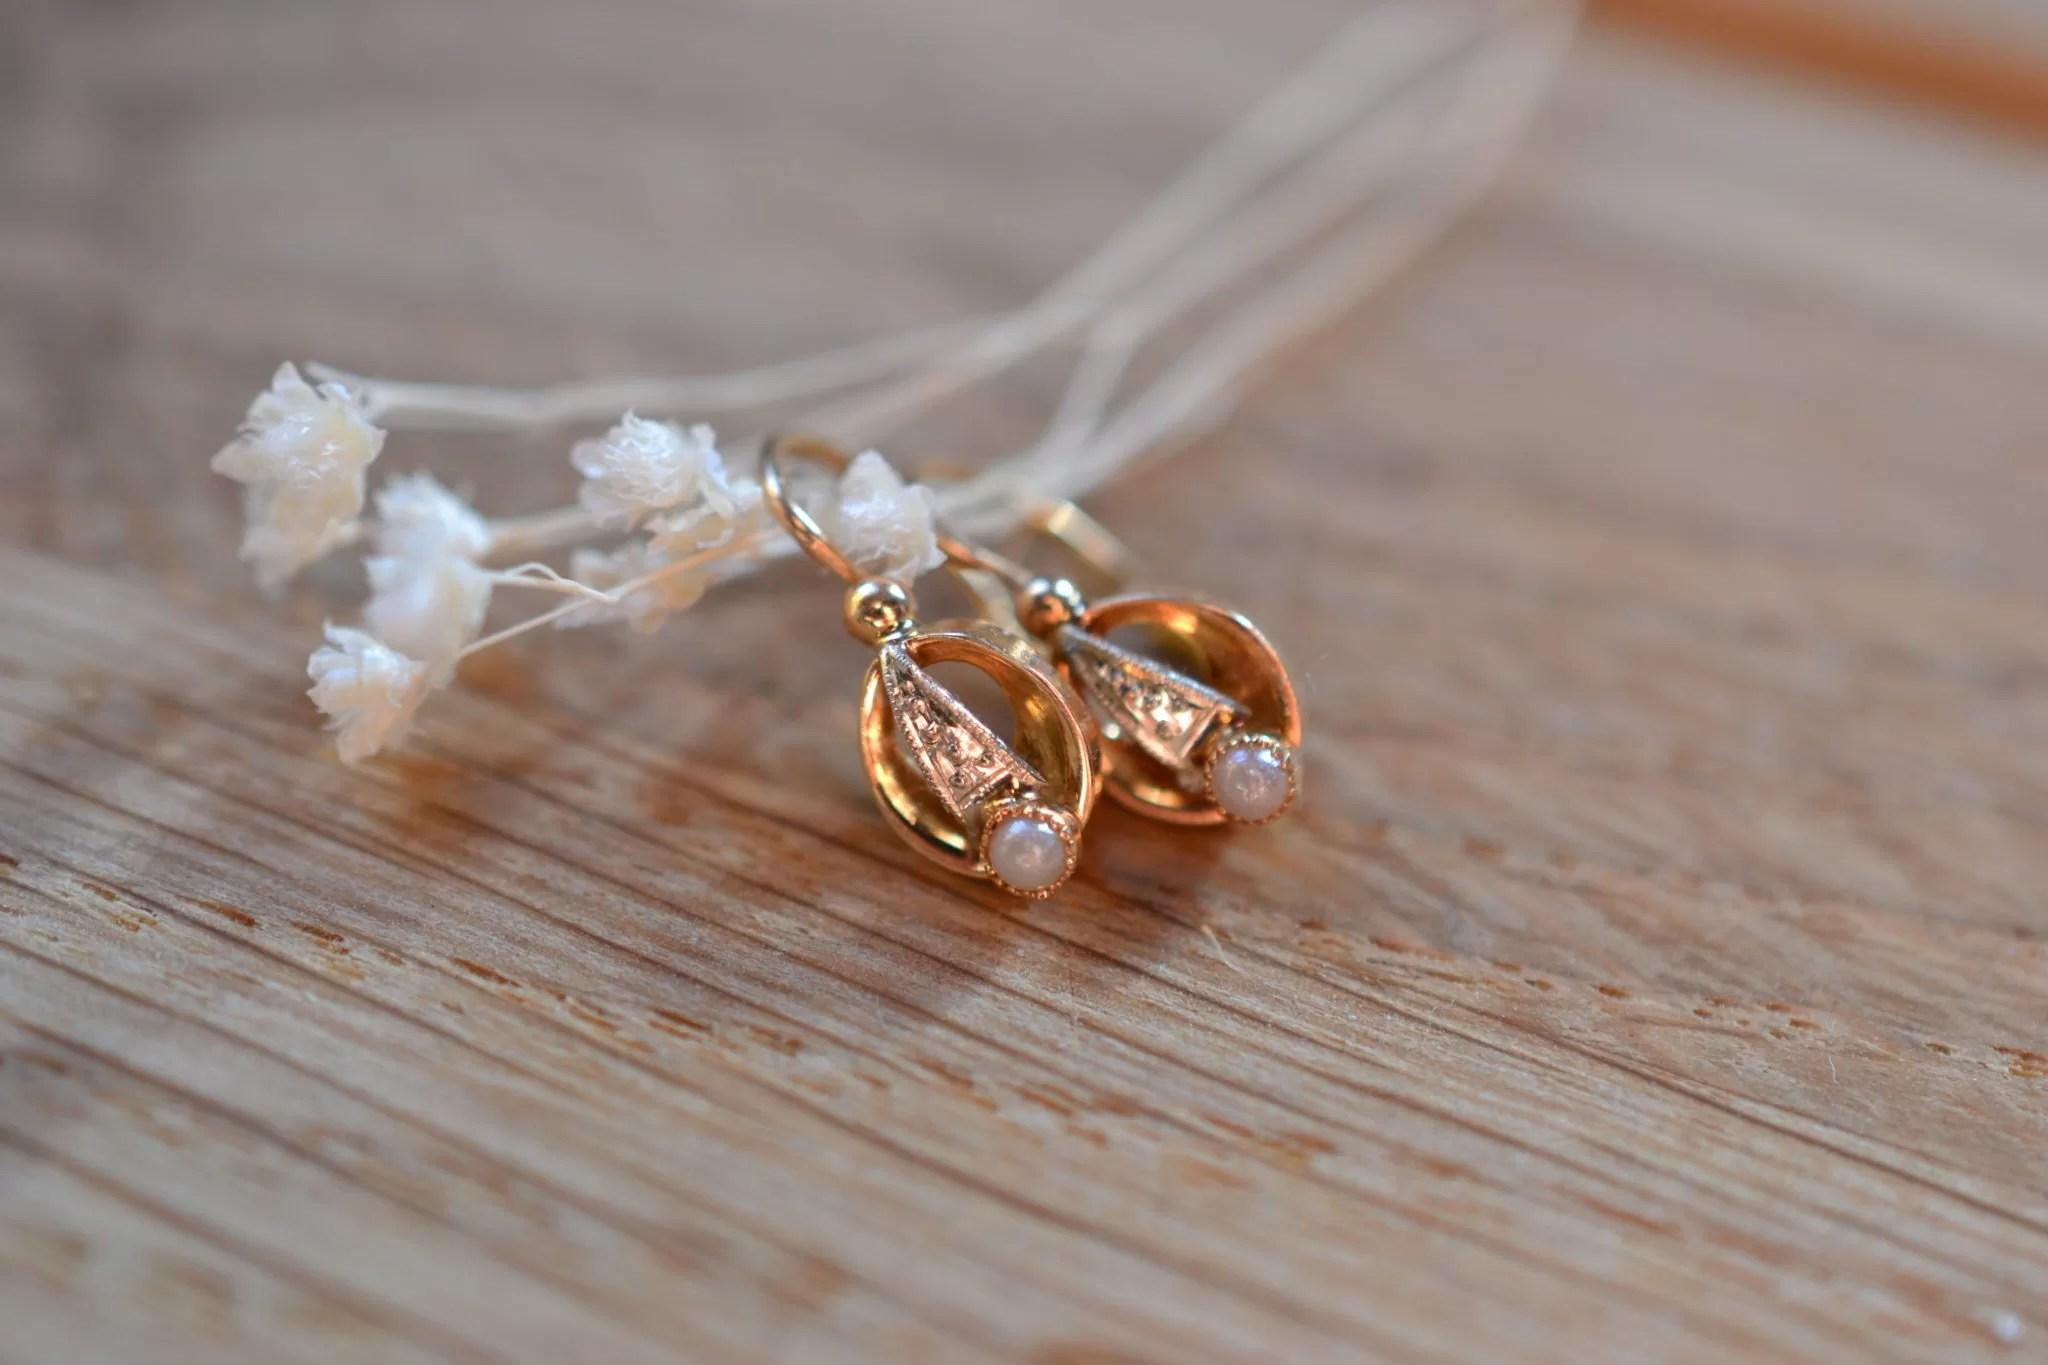 Dormeuses Anciennes En Or Et Perles - En Or 18 Carats 750:1000 ) Boucles D'oreilles Vintage